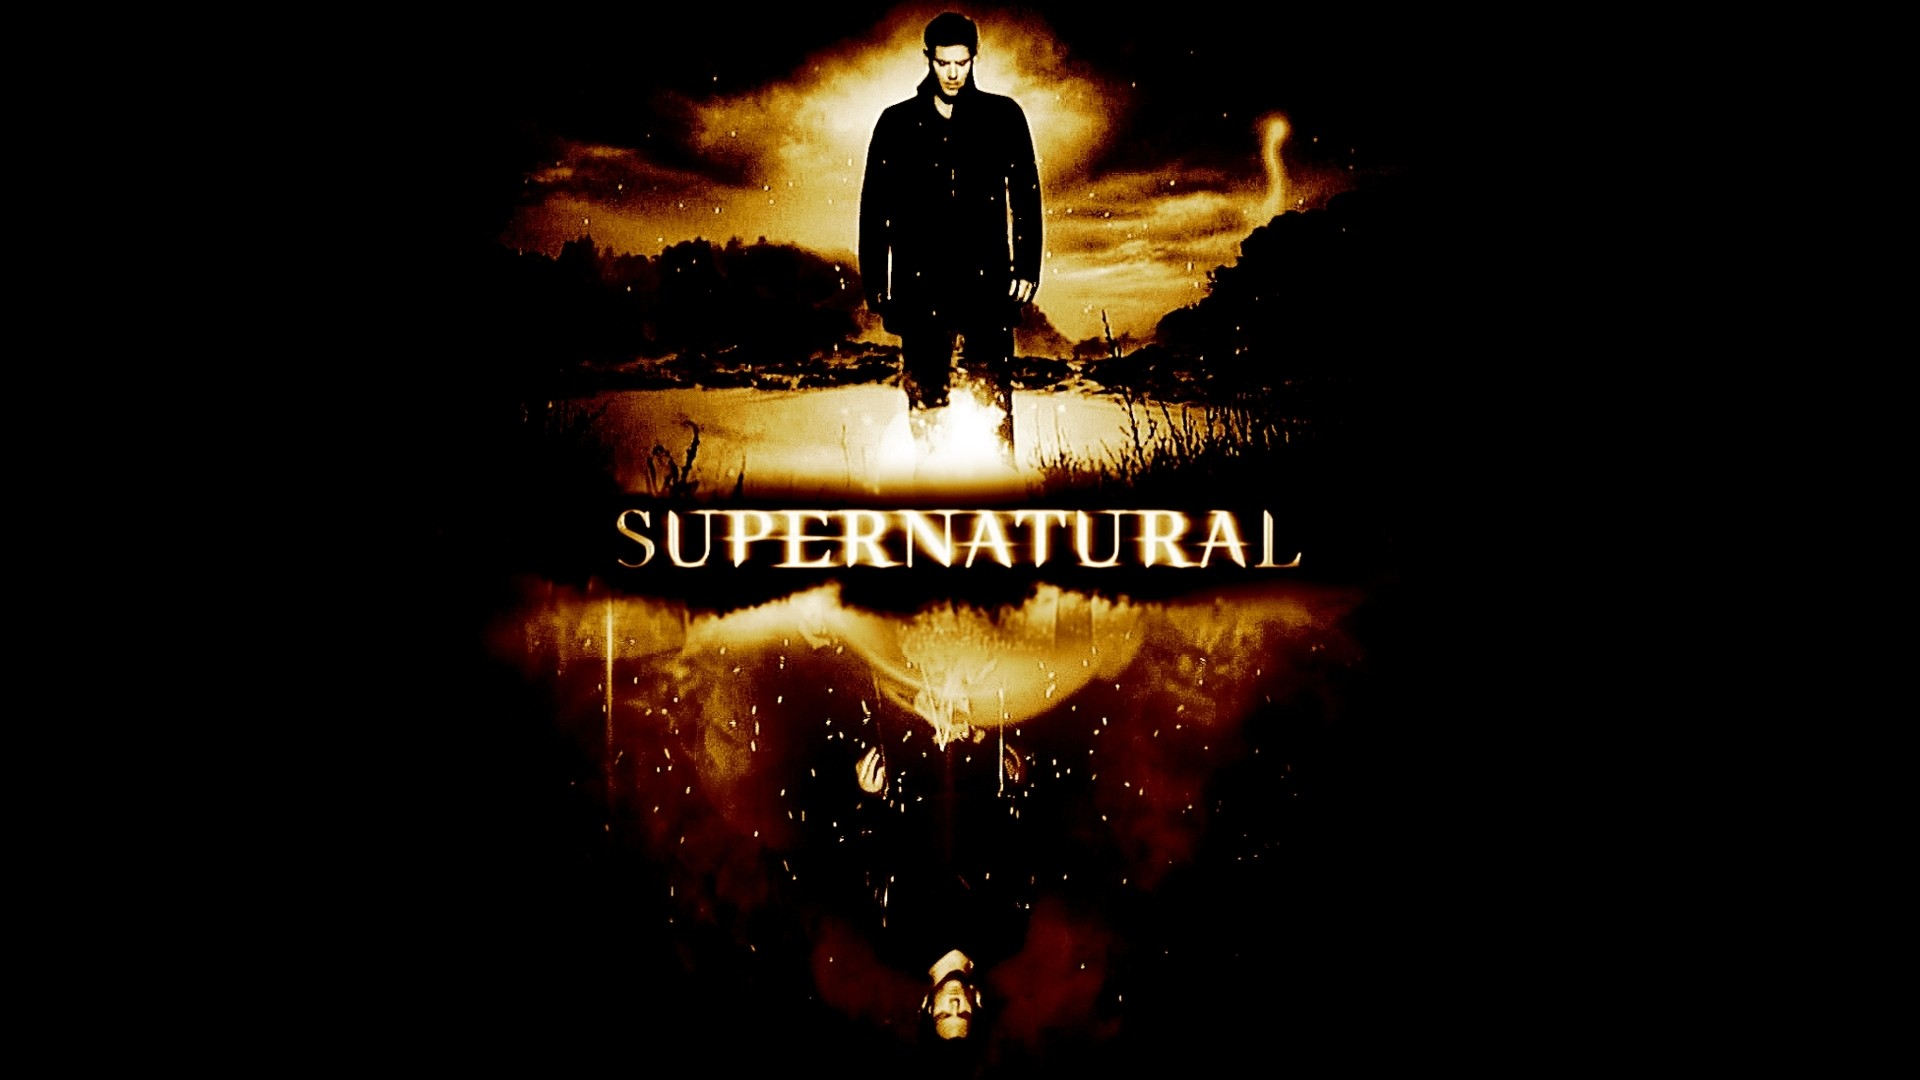 Supernatural Supernatural